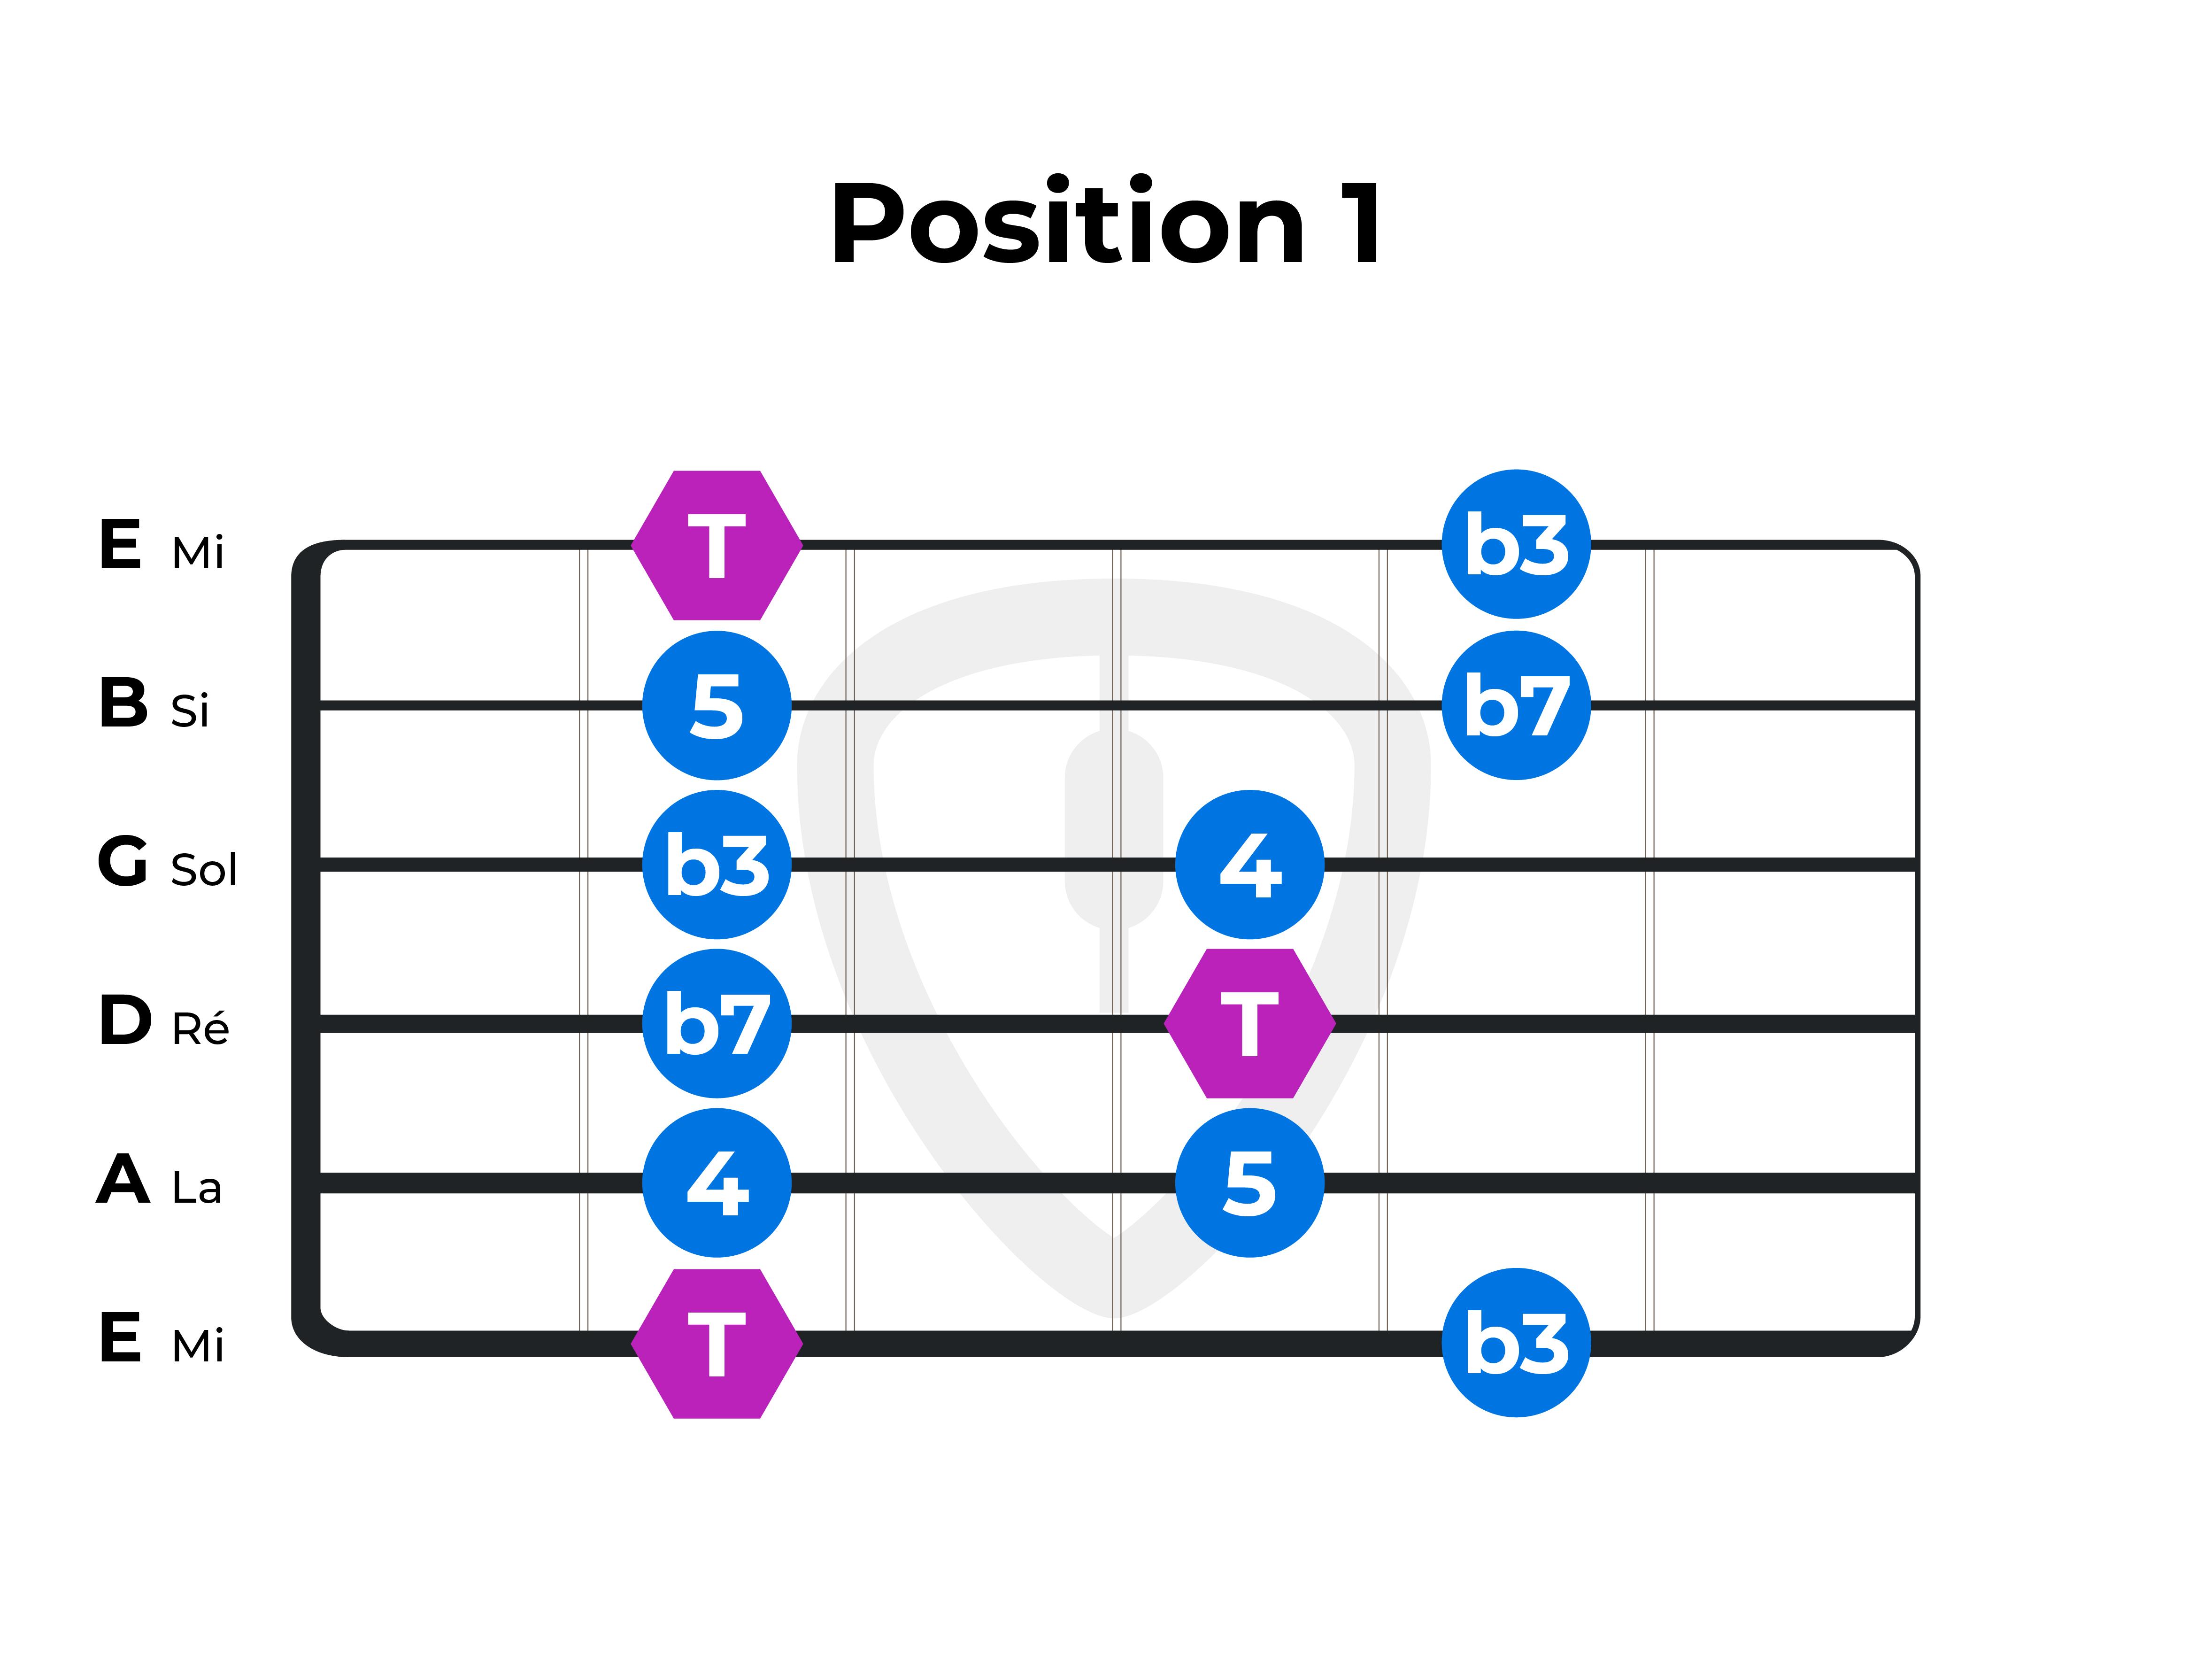 gamme pentatonique mineure position 1